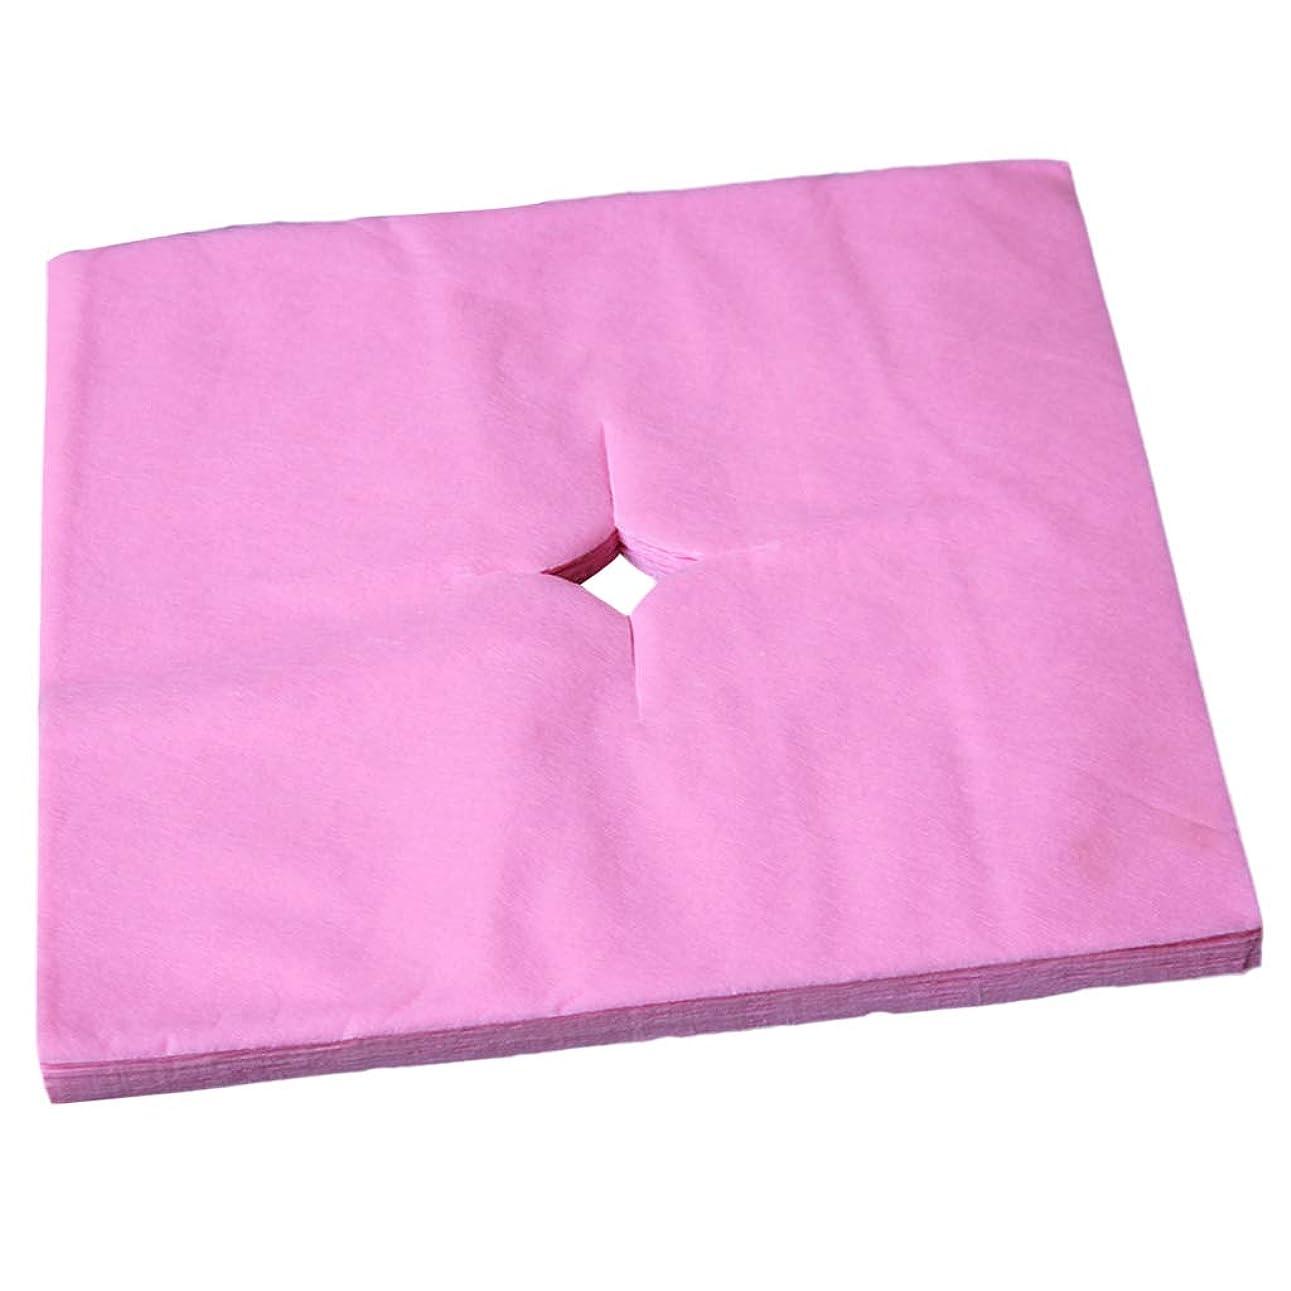 一掃する敷居法廷dailymall 100ピース/個スパサロン使い捨てマッサージフェイスレストクッションカバークレードルシートクロスカットホール - ピンク